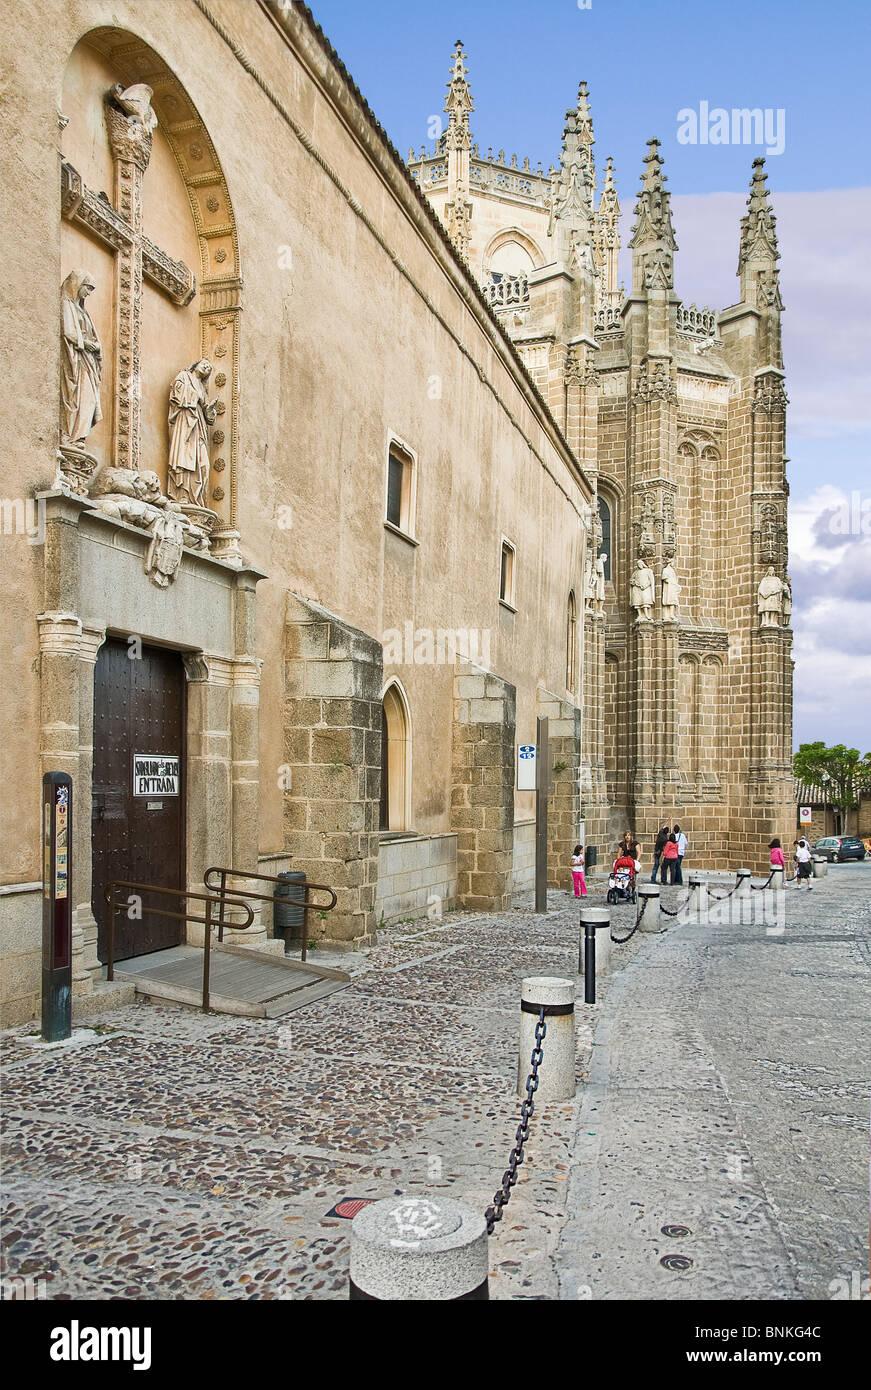 Entrance to the chapel of San Juan de los Reyes, Toledo city, Castilla la Mancha, Spain, Europe, - Stock Image